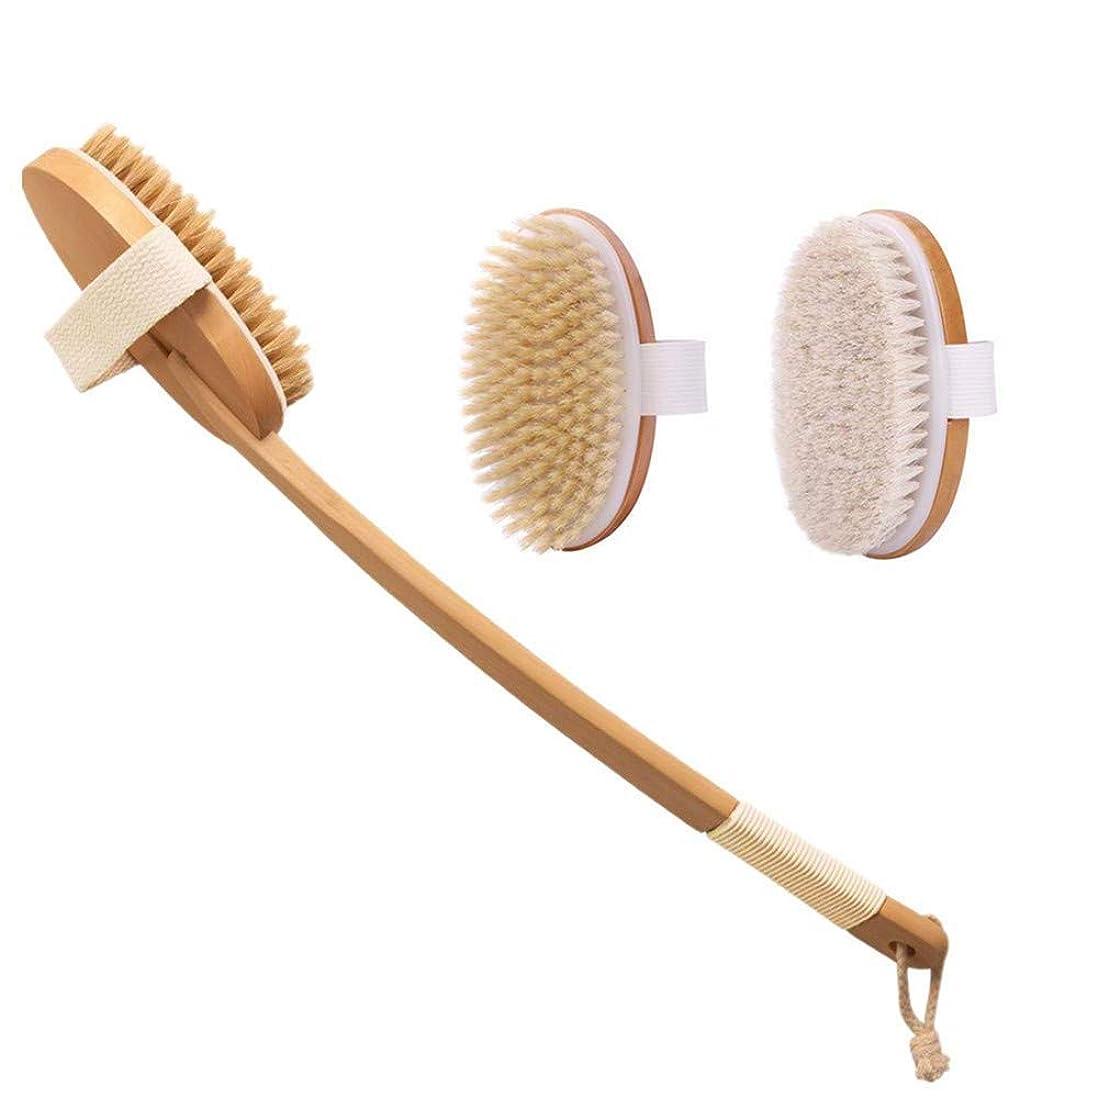 シソーラスリーフレット知る2個セット ボディブラシ ロング マッサージ お風呂用 竹製長柄 天然馬毛